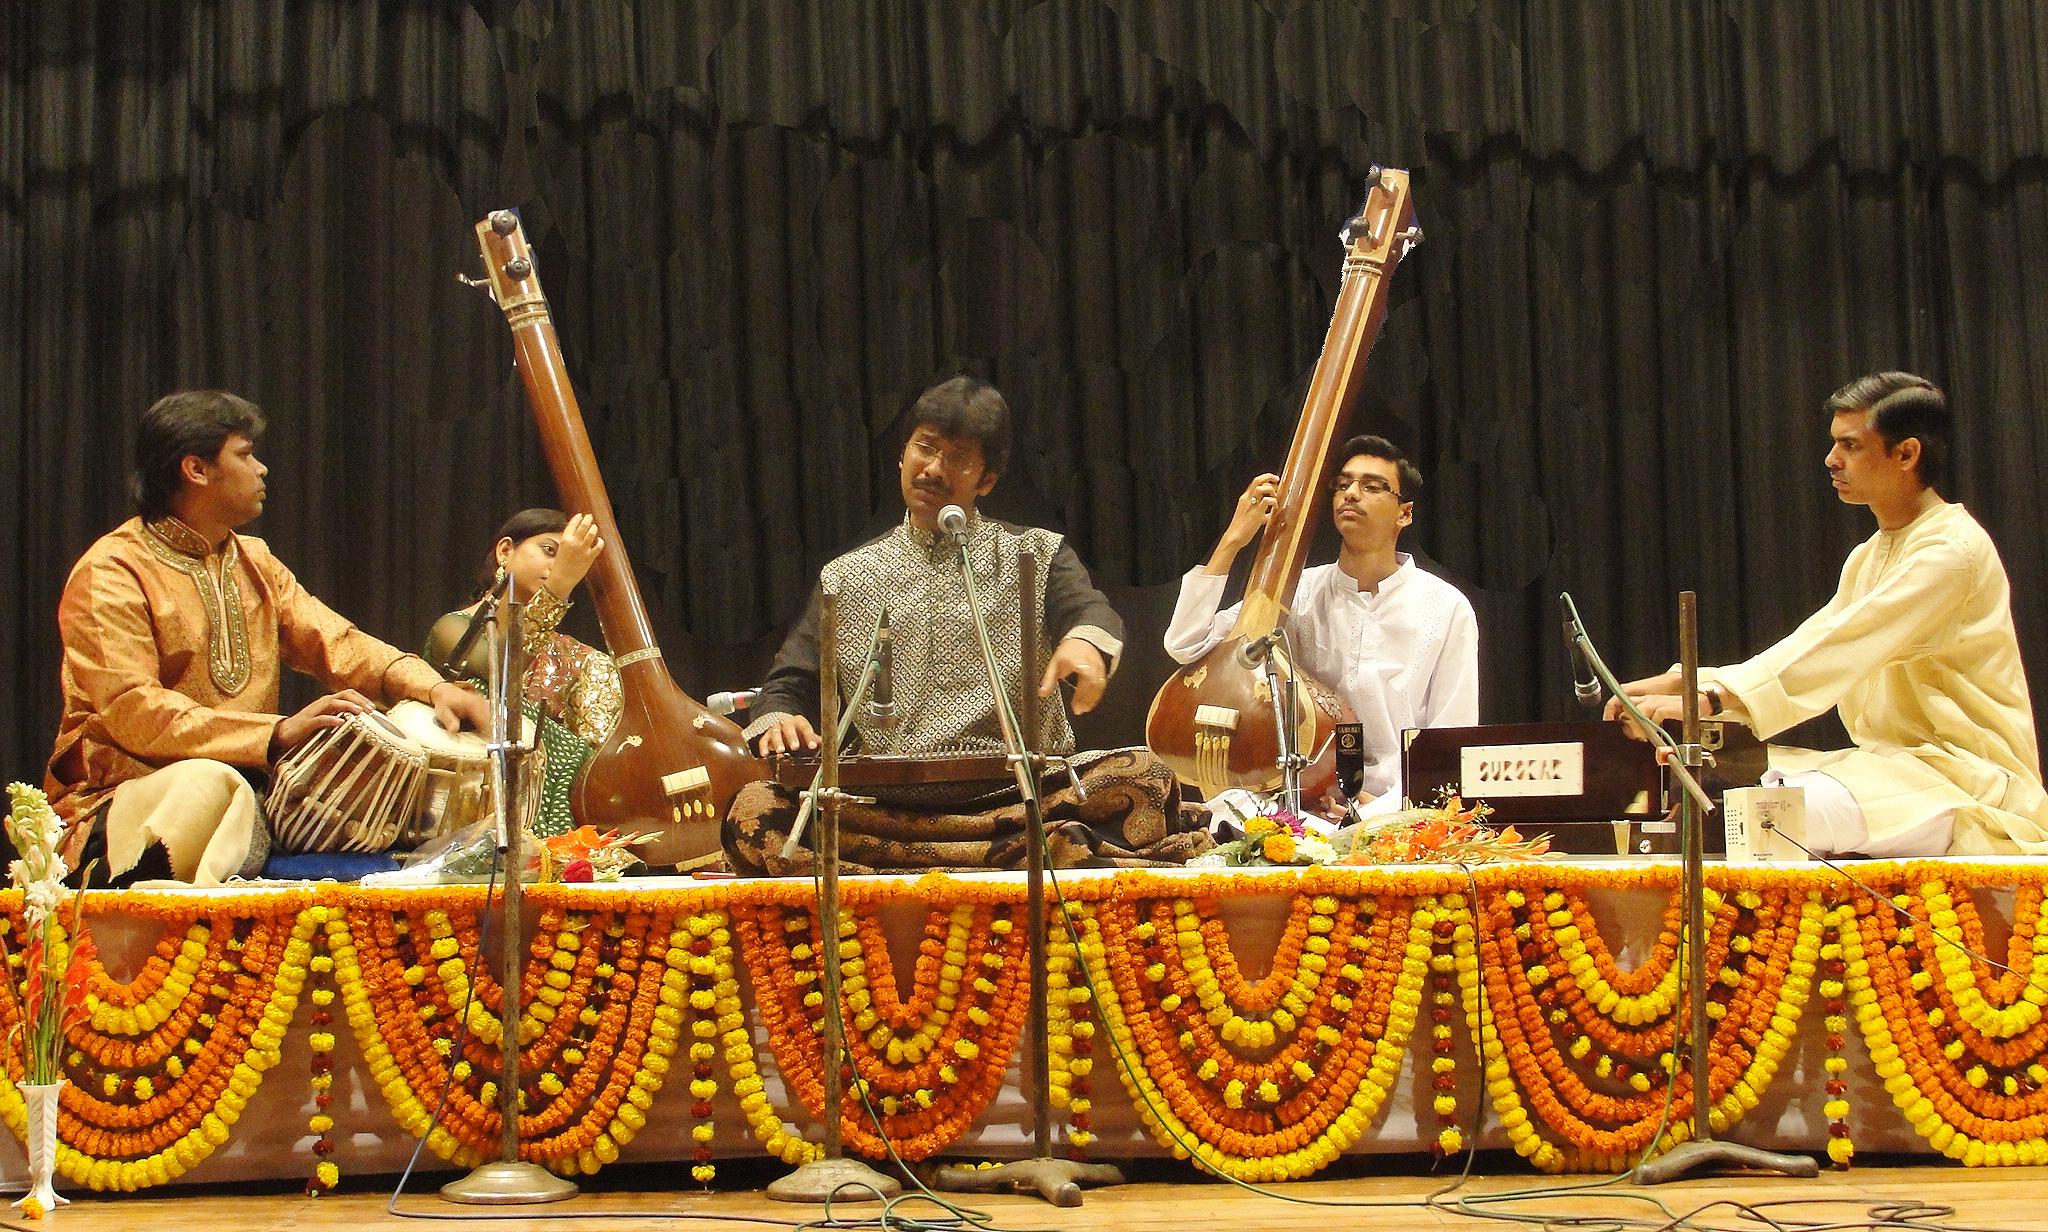 music ngo india